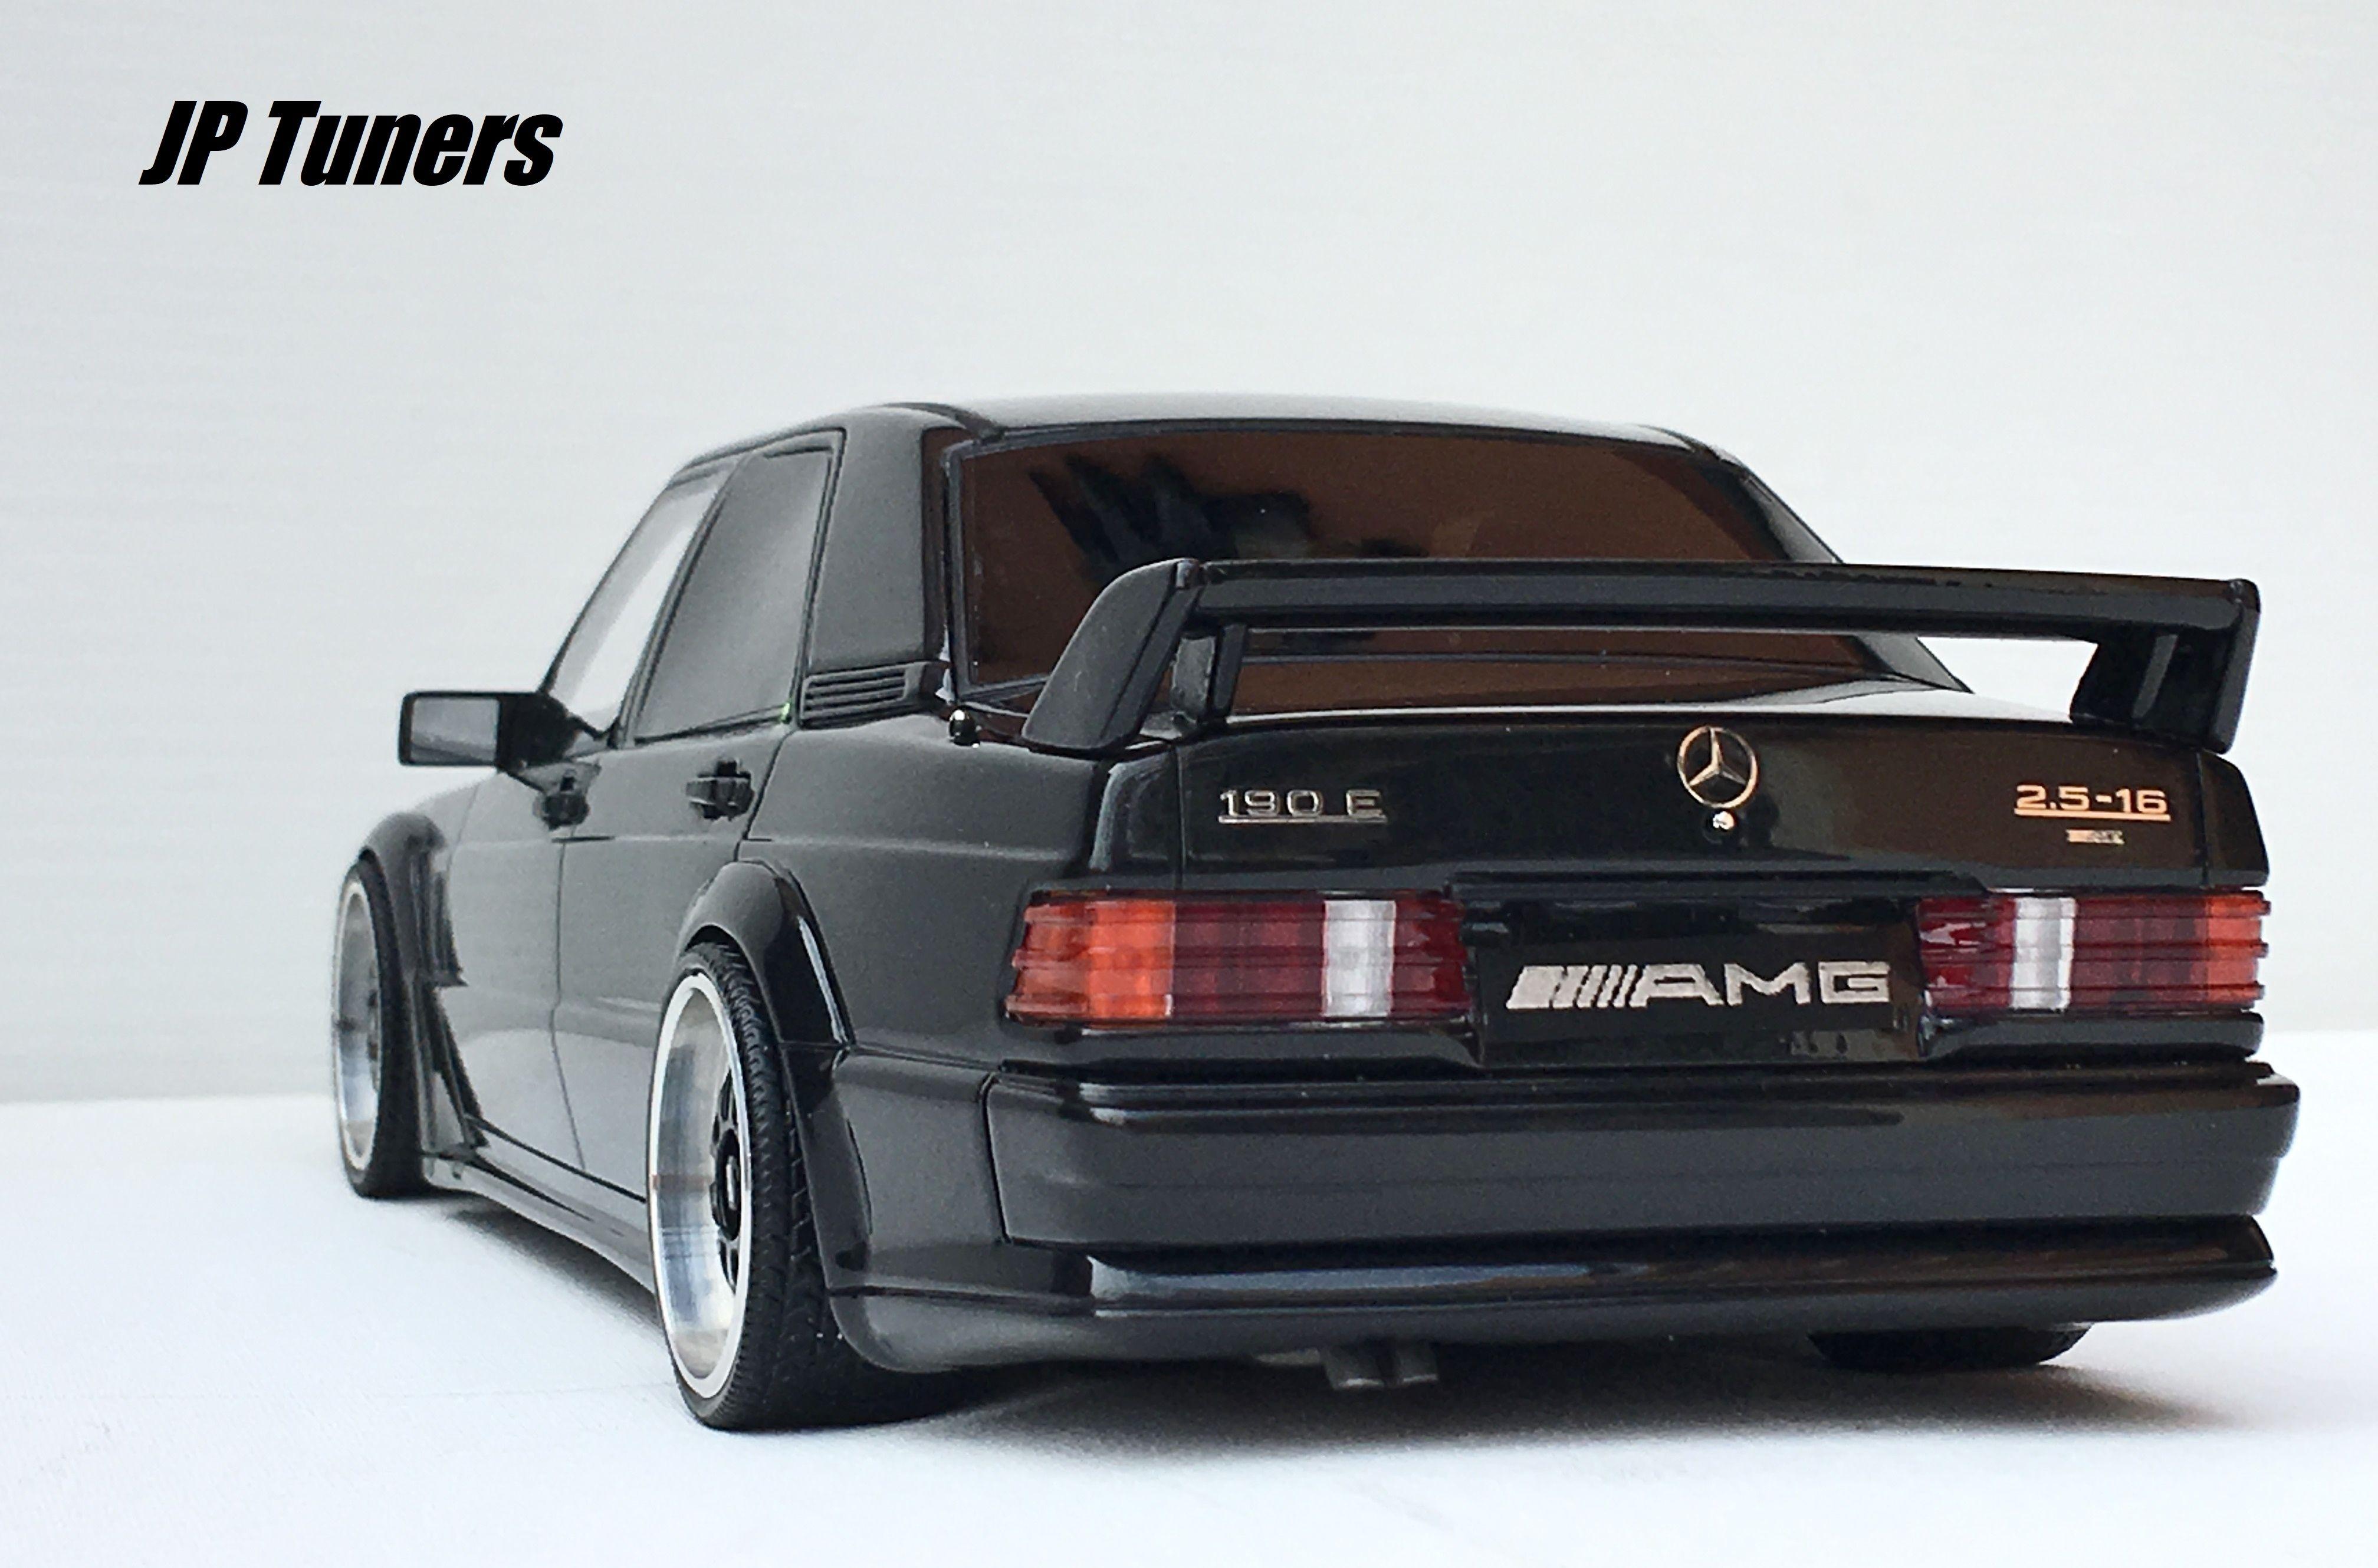 1 18 Mercedes E190 Evo AMG Tuning JP Tuners